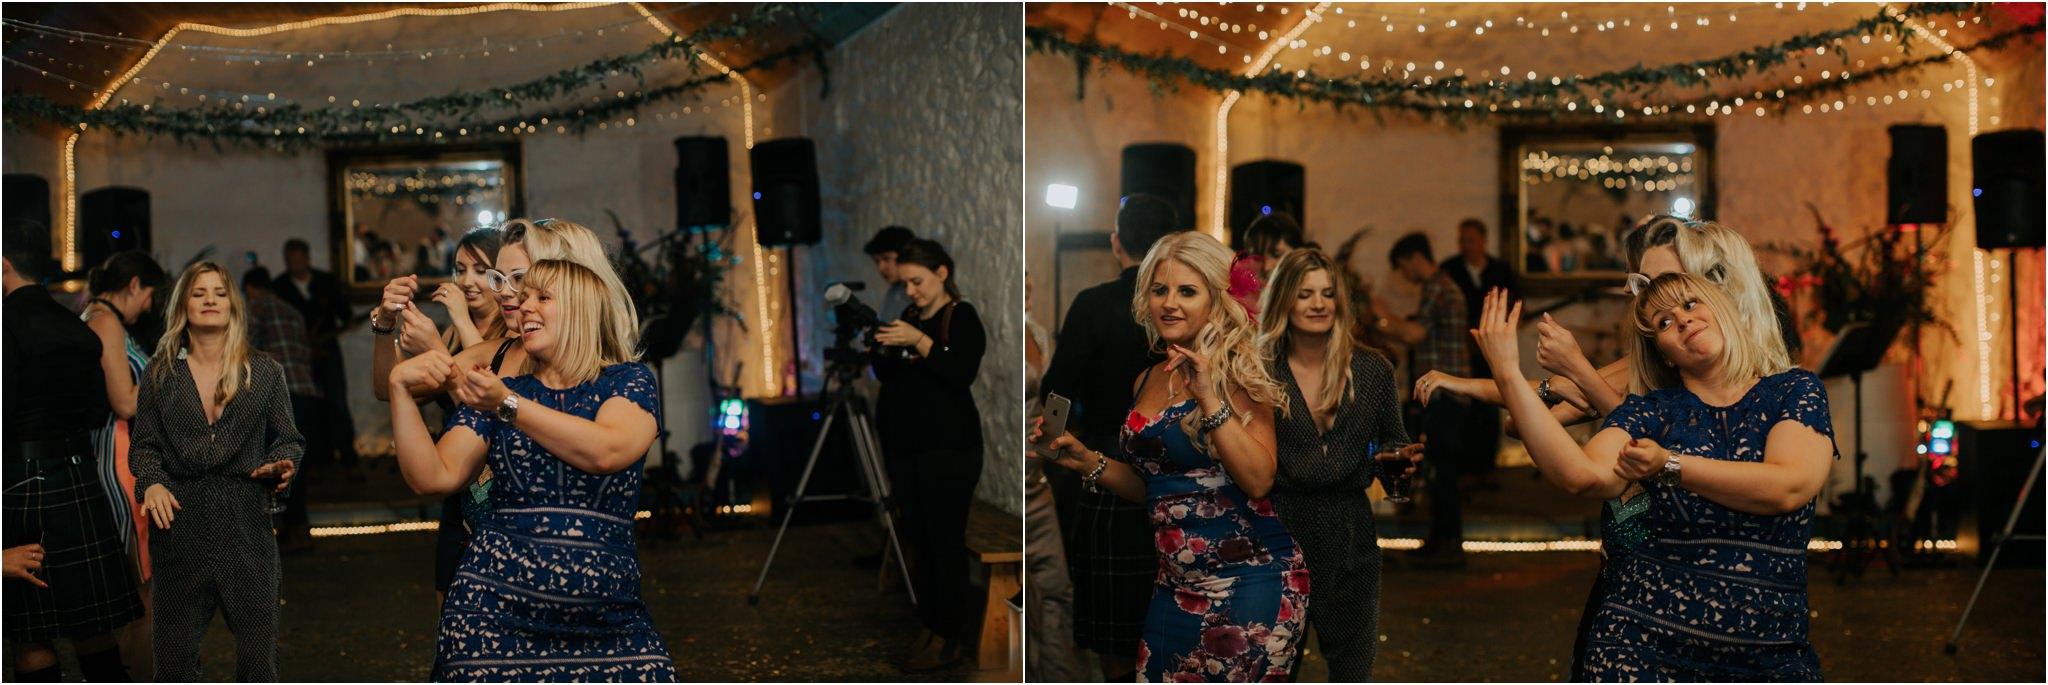 Photography 78 - Glasgow Wedding Photographer - Pete & Eilidh - Dalduff Farm_0100.jpg